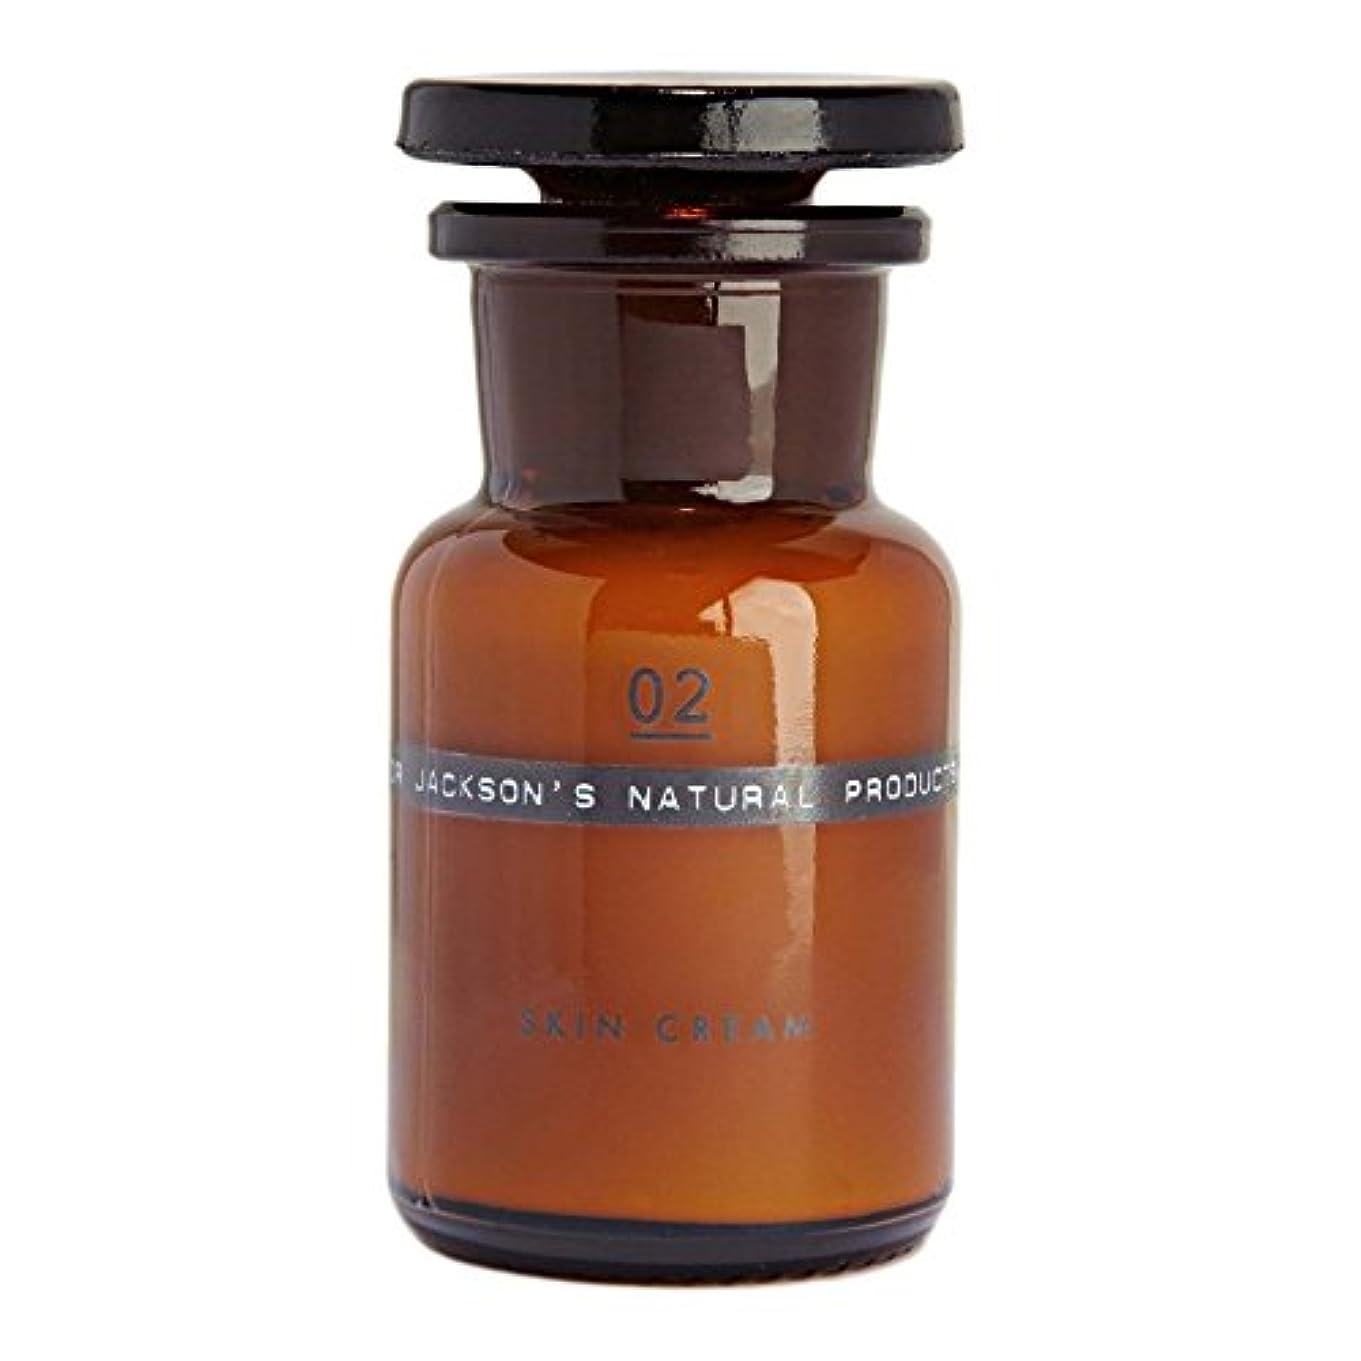 ロケーションお気に入りパールDr Jackson's 02 Skin Cream 50ml - ジャクソンの02スキンクリーム50ミリリットル [並行輸入品]